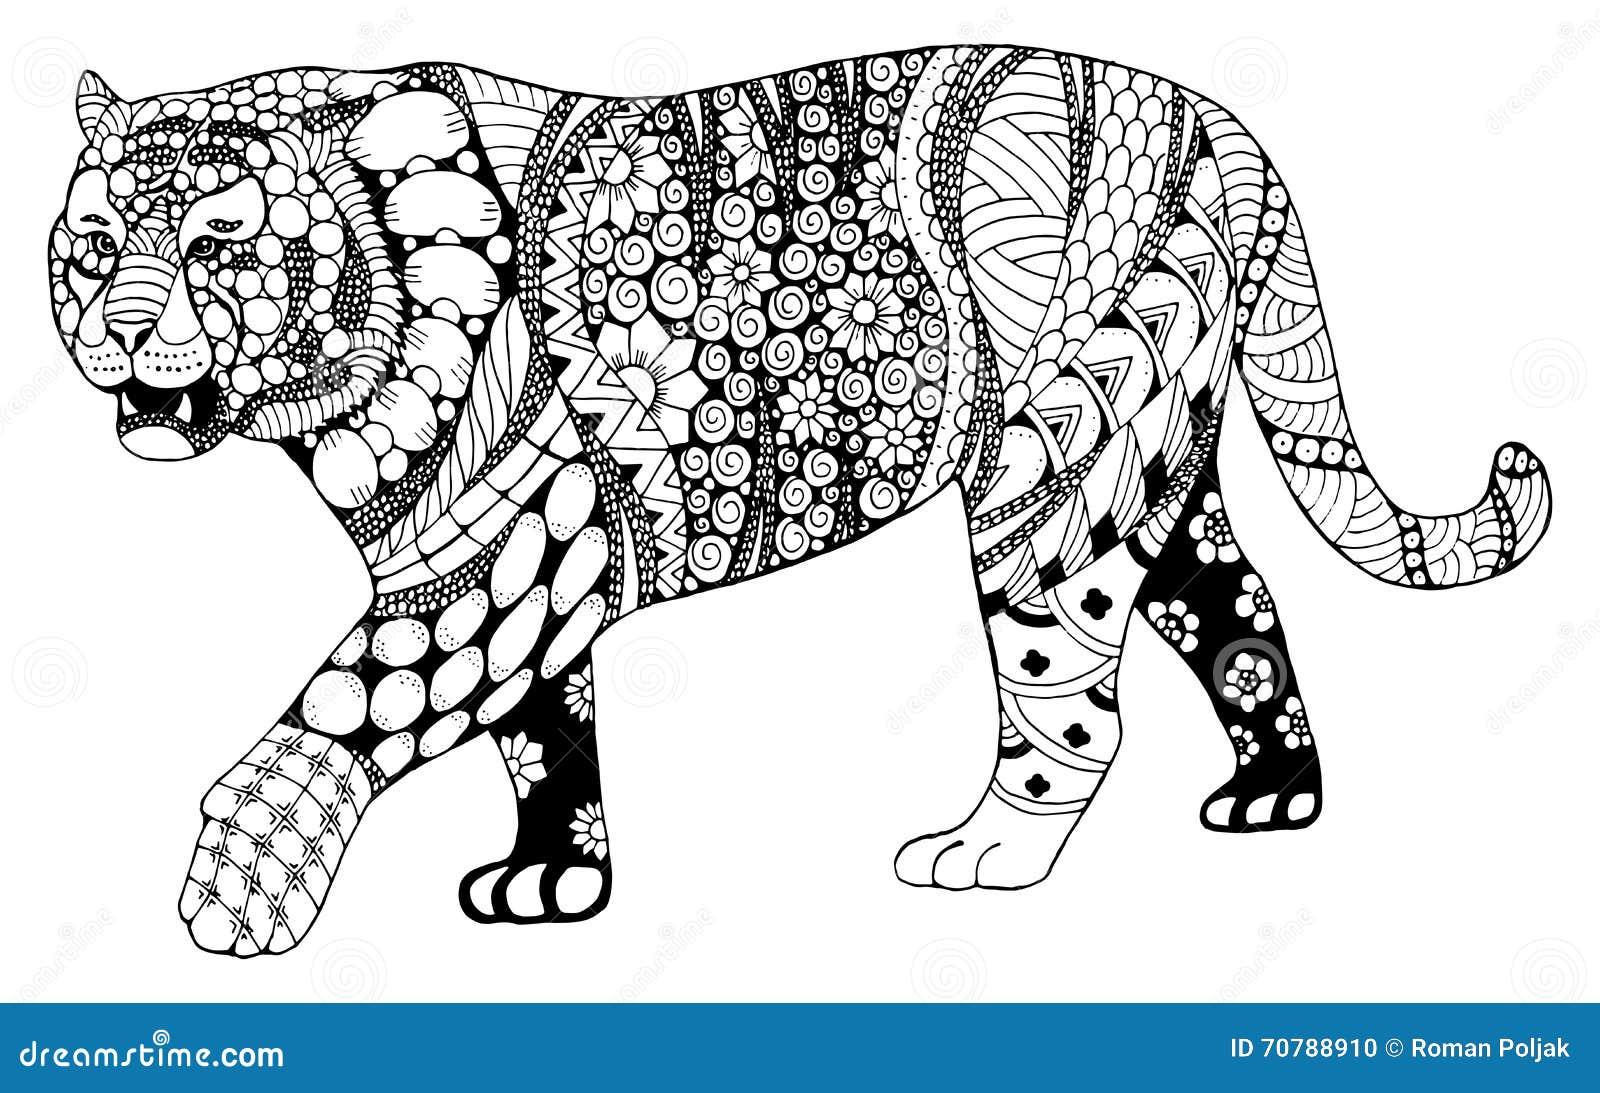 Volwassen Kleurplaat Kat Teken Van De Tijger Stileerde Het Chinese Dierenriem